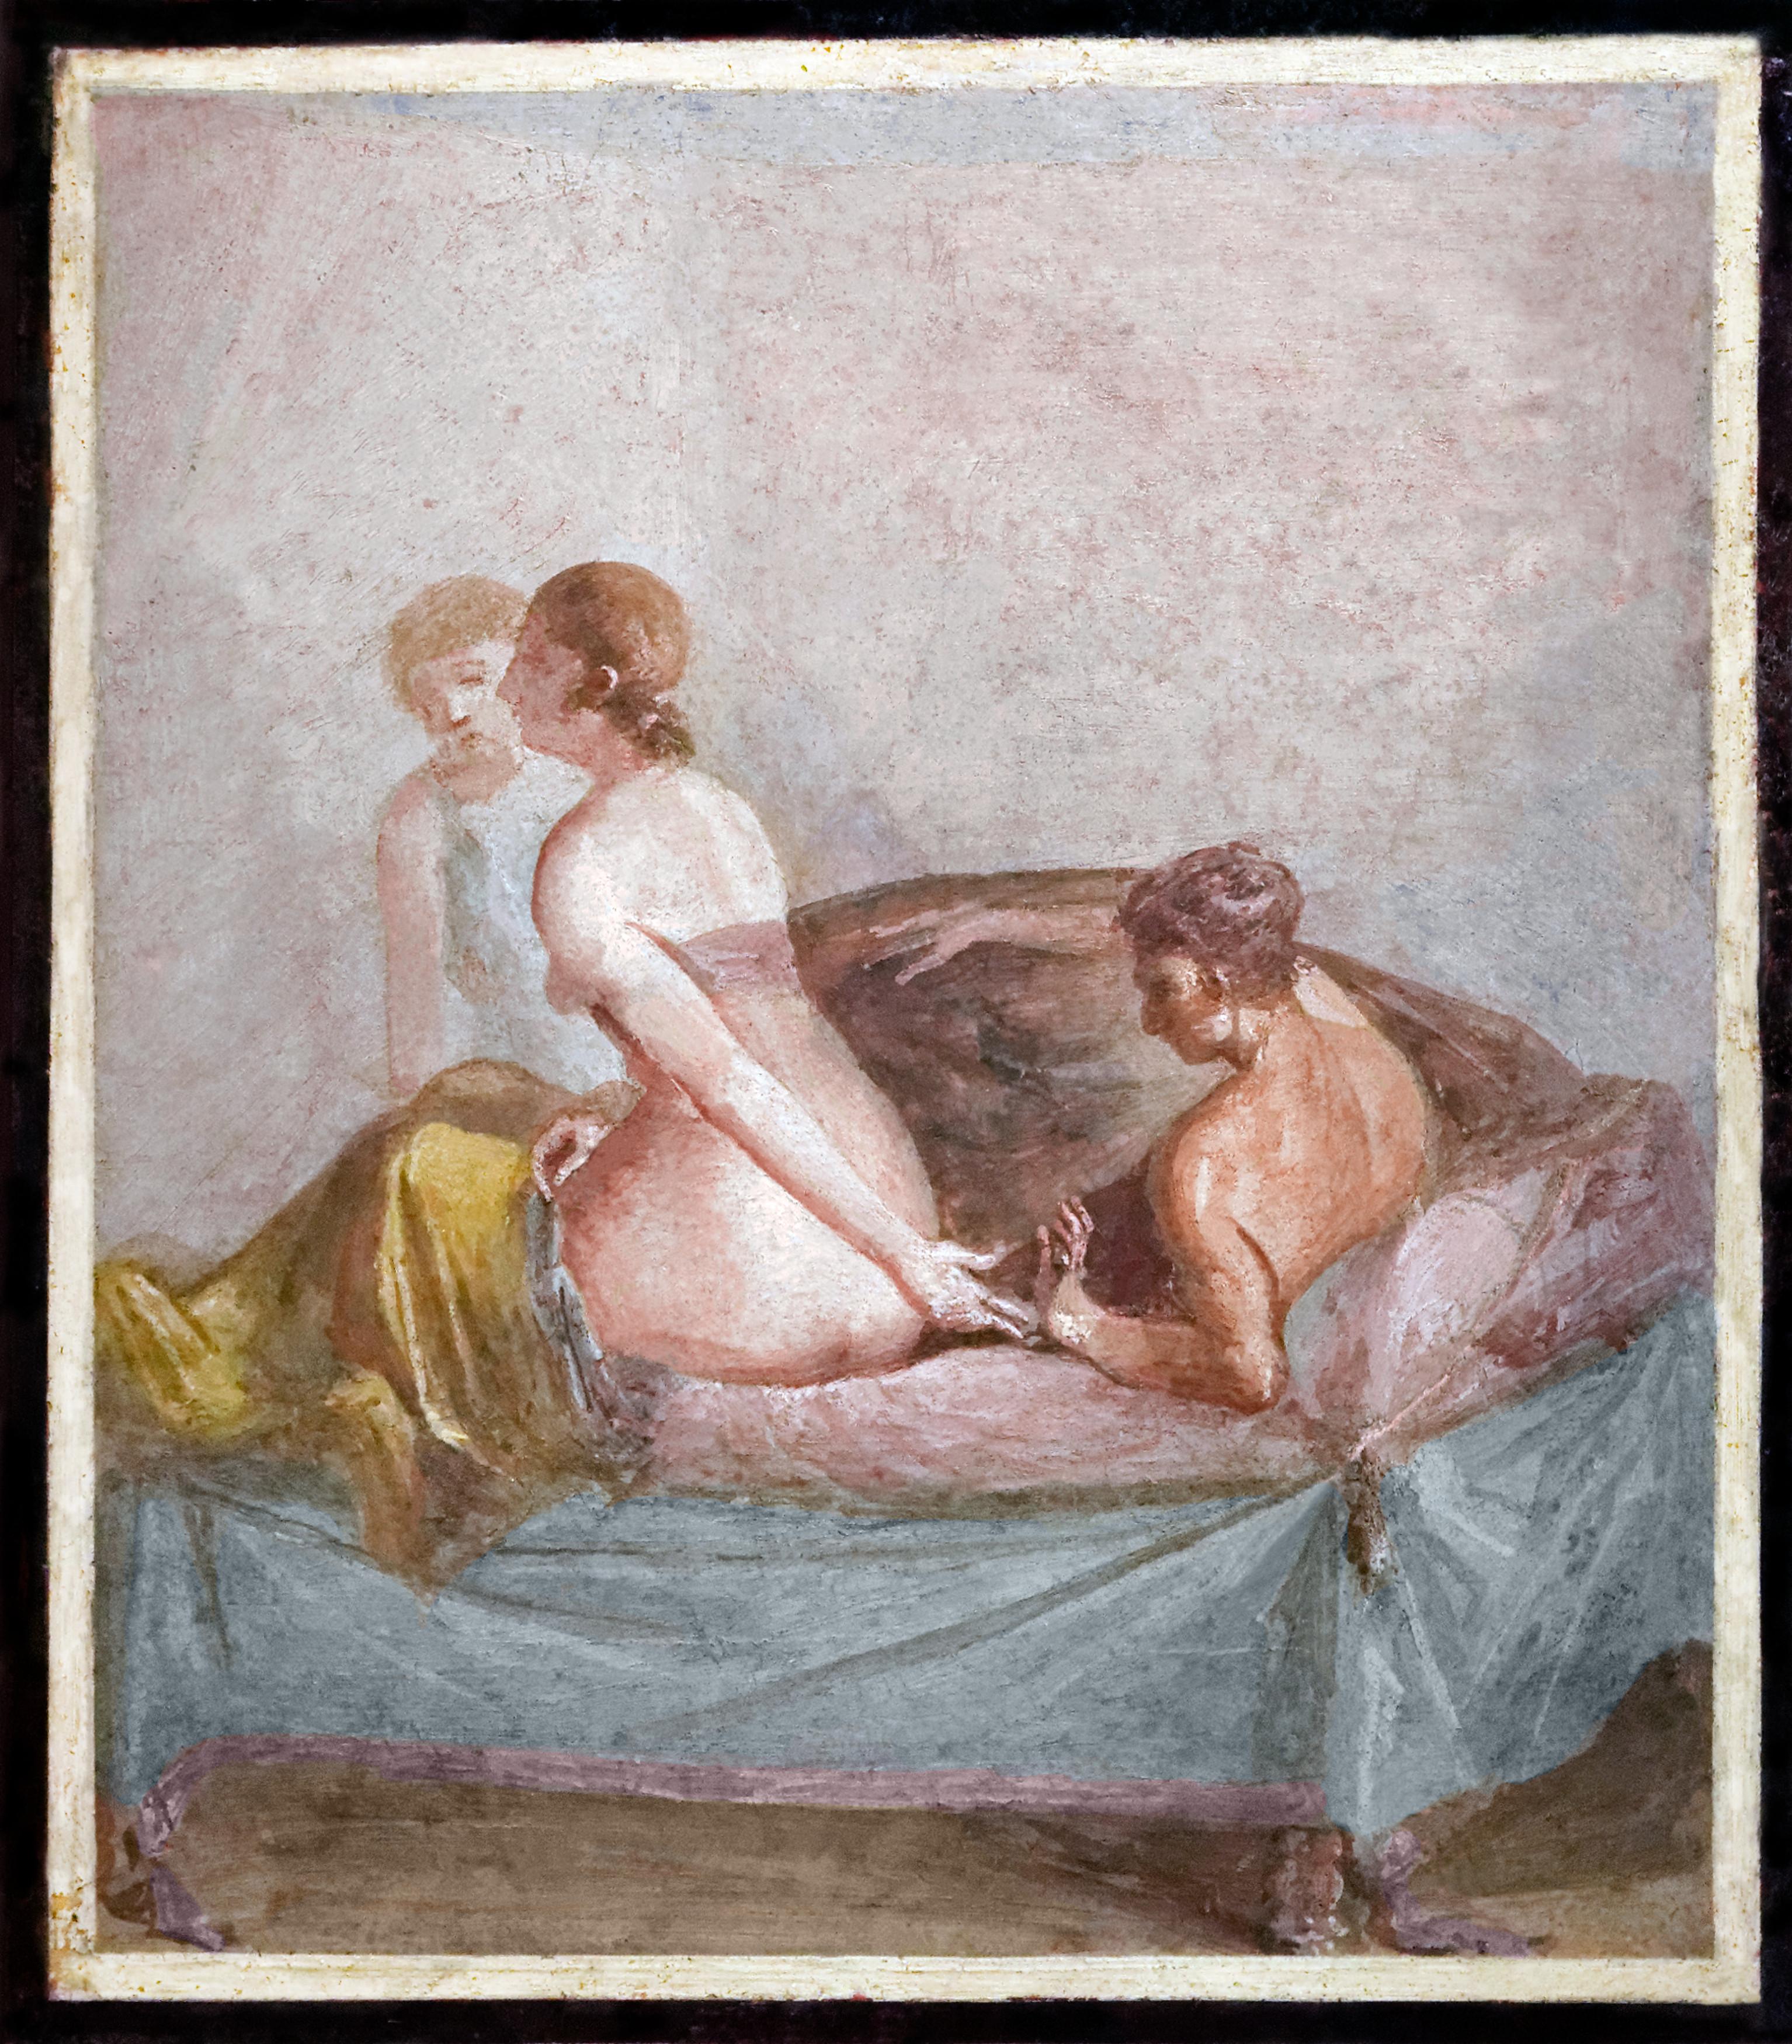 Peliculas Para Introducción Al Porno historia de las representaciones eróticas - wikipedia, la